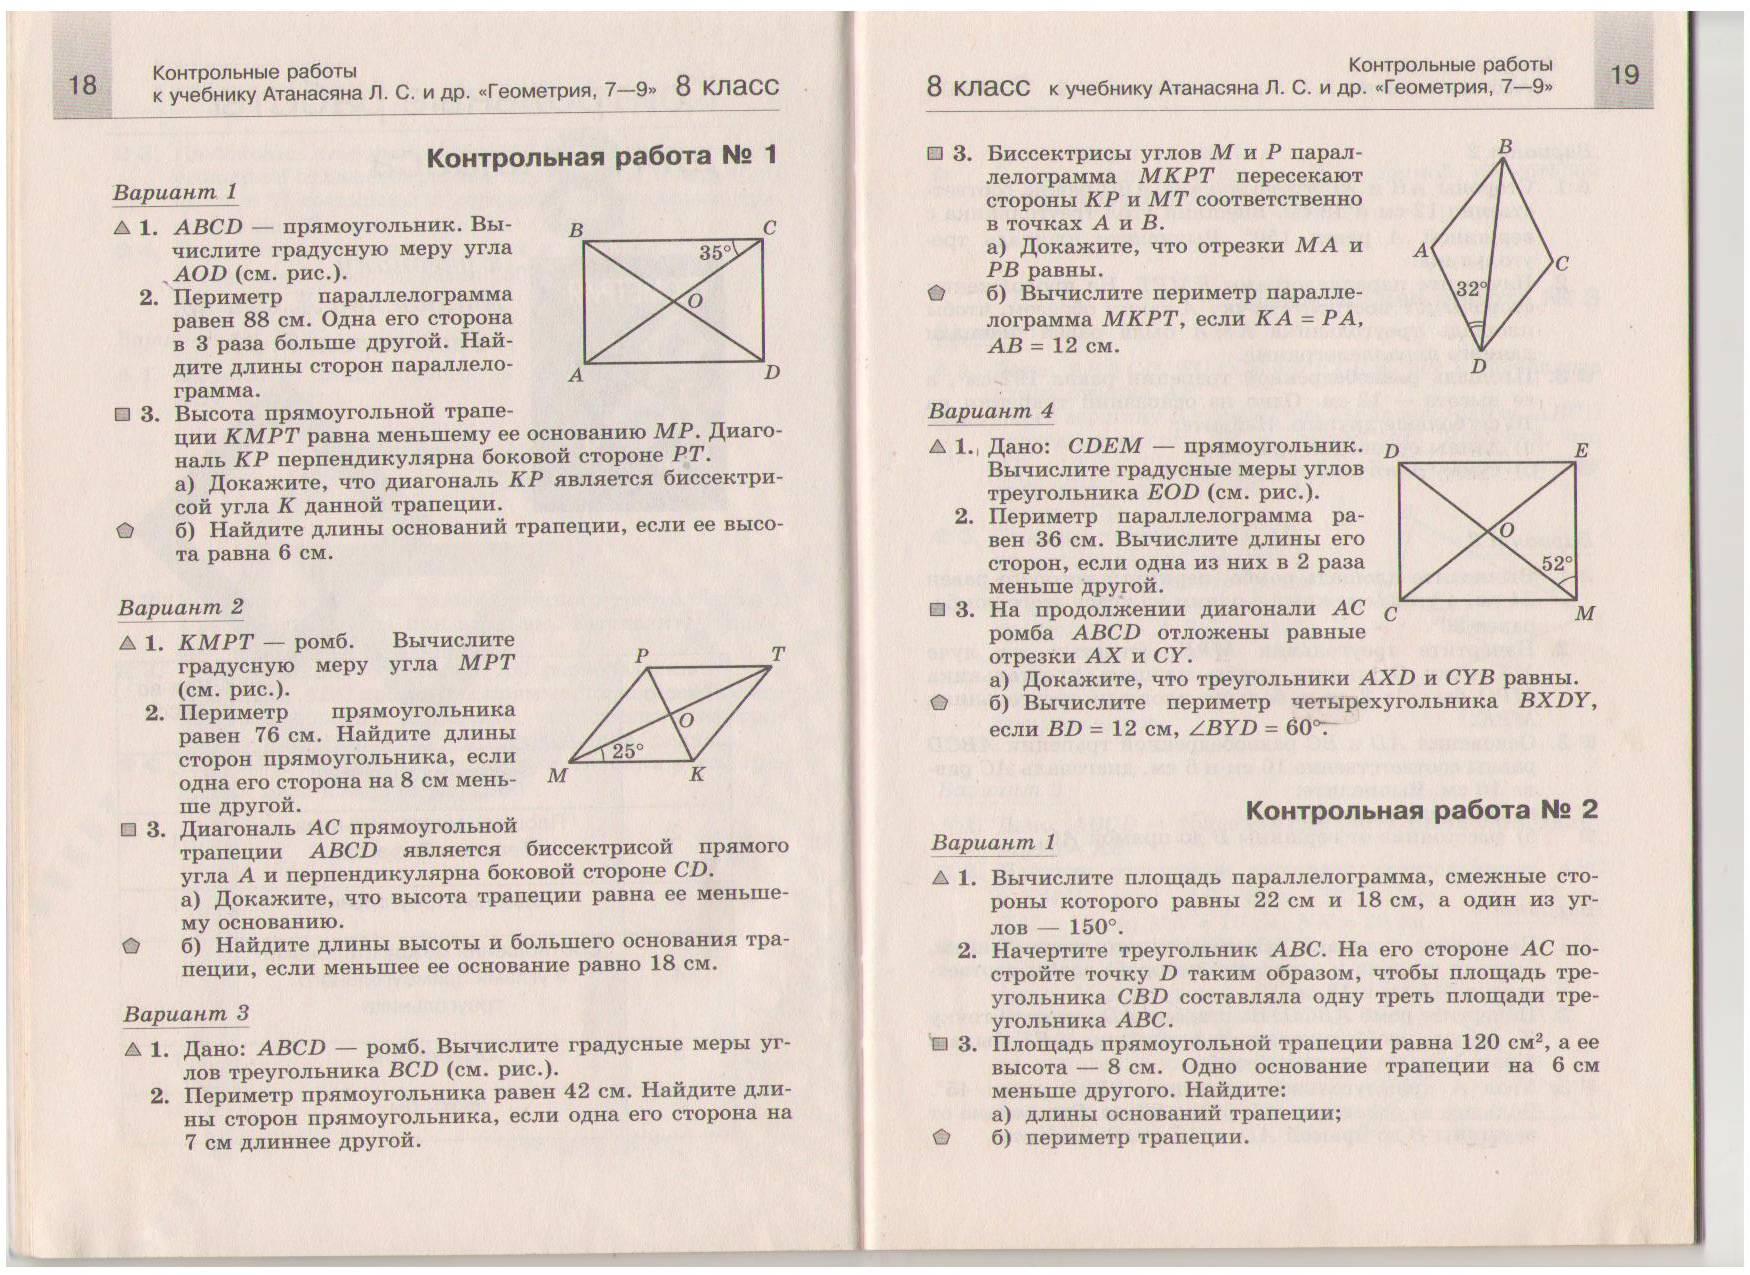 гдз к контрольной работе по геометрии 8 класс